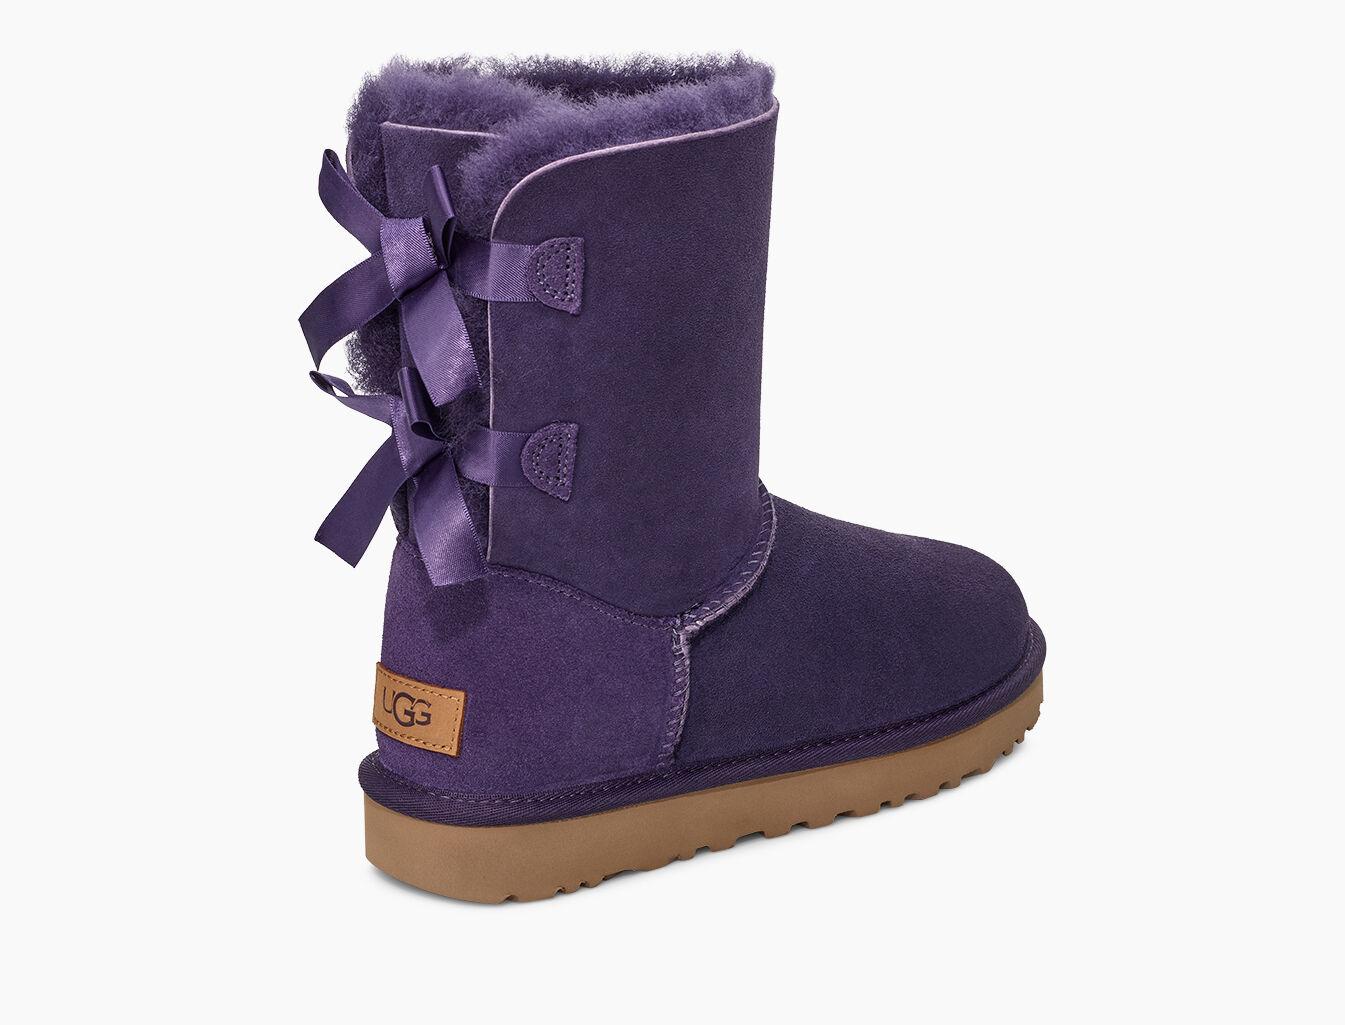 UGG Bailey Bow II 1016225 Grey Violet Botas para Mujer